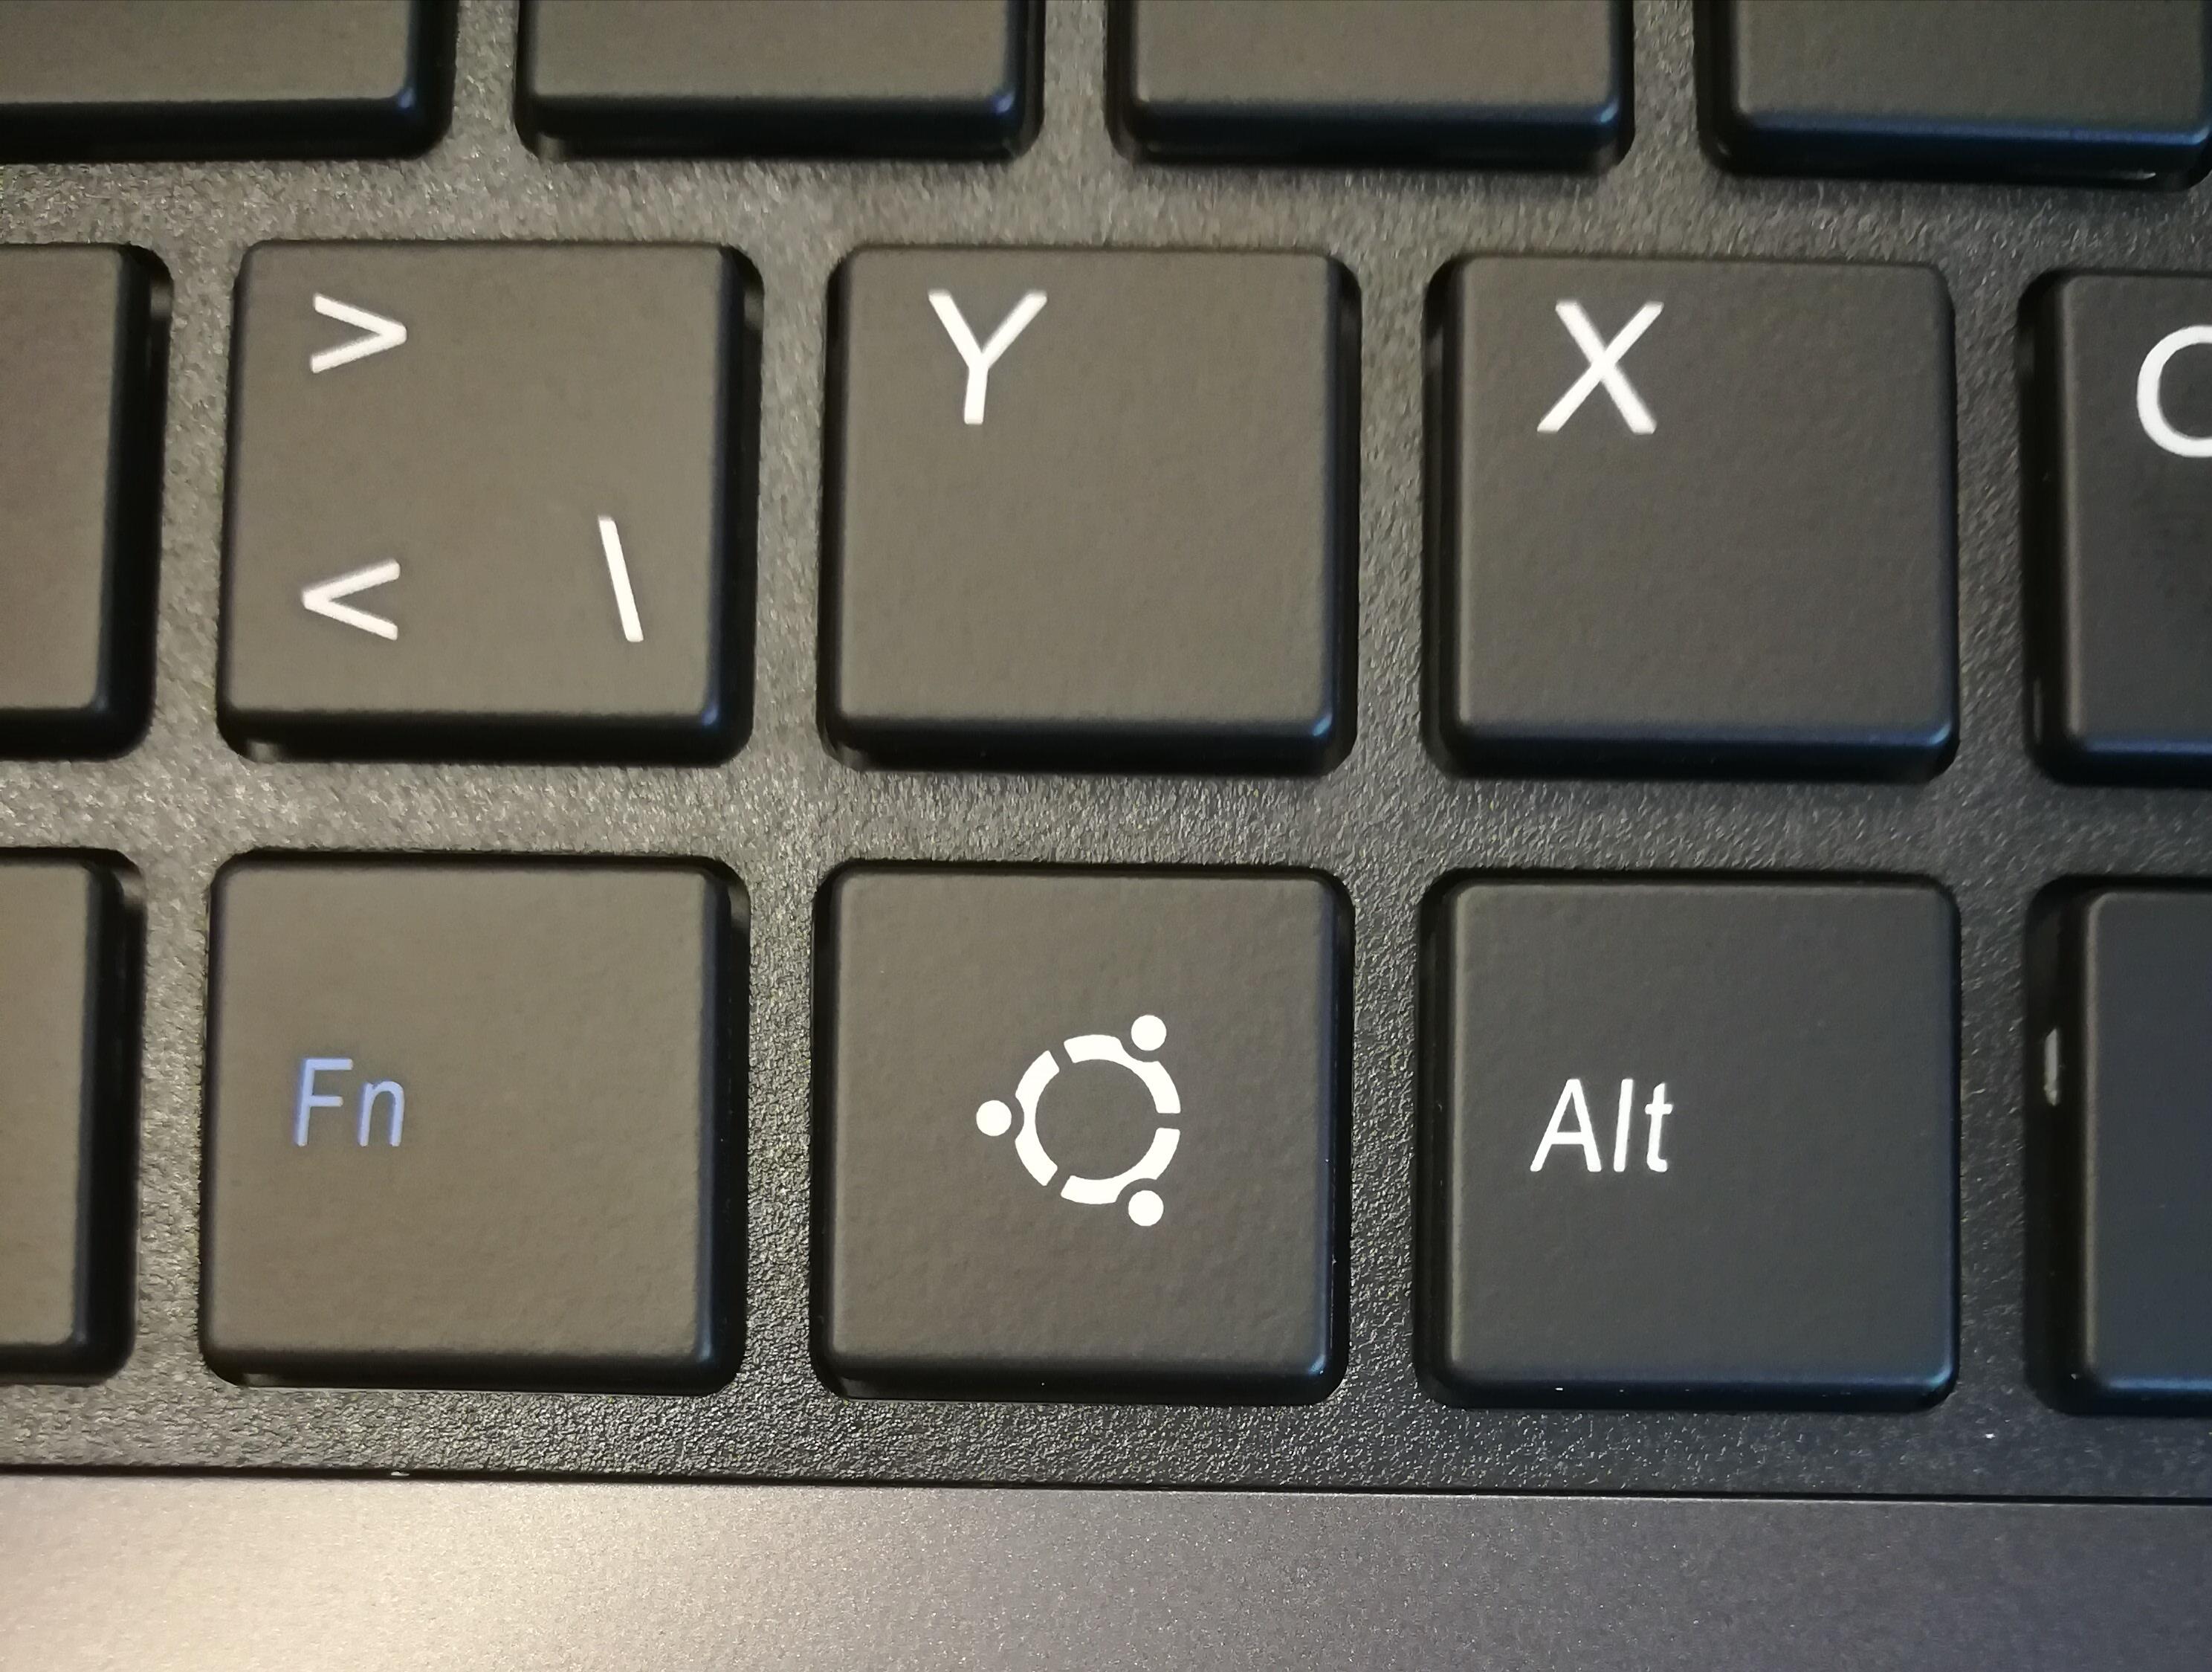 Touche Ubuntu